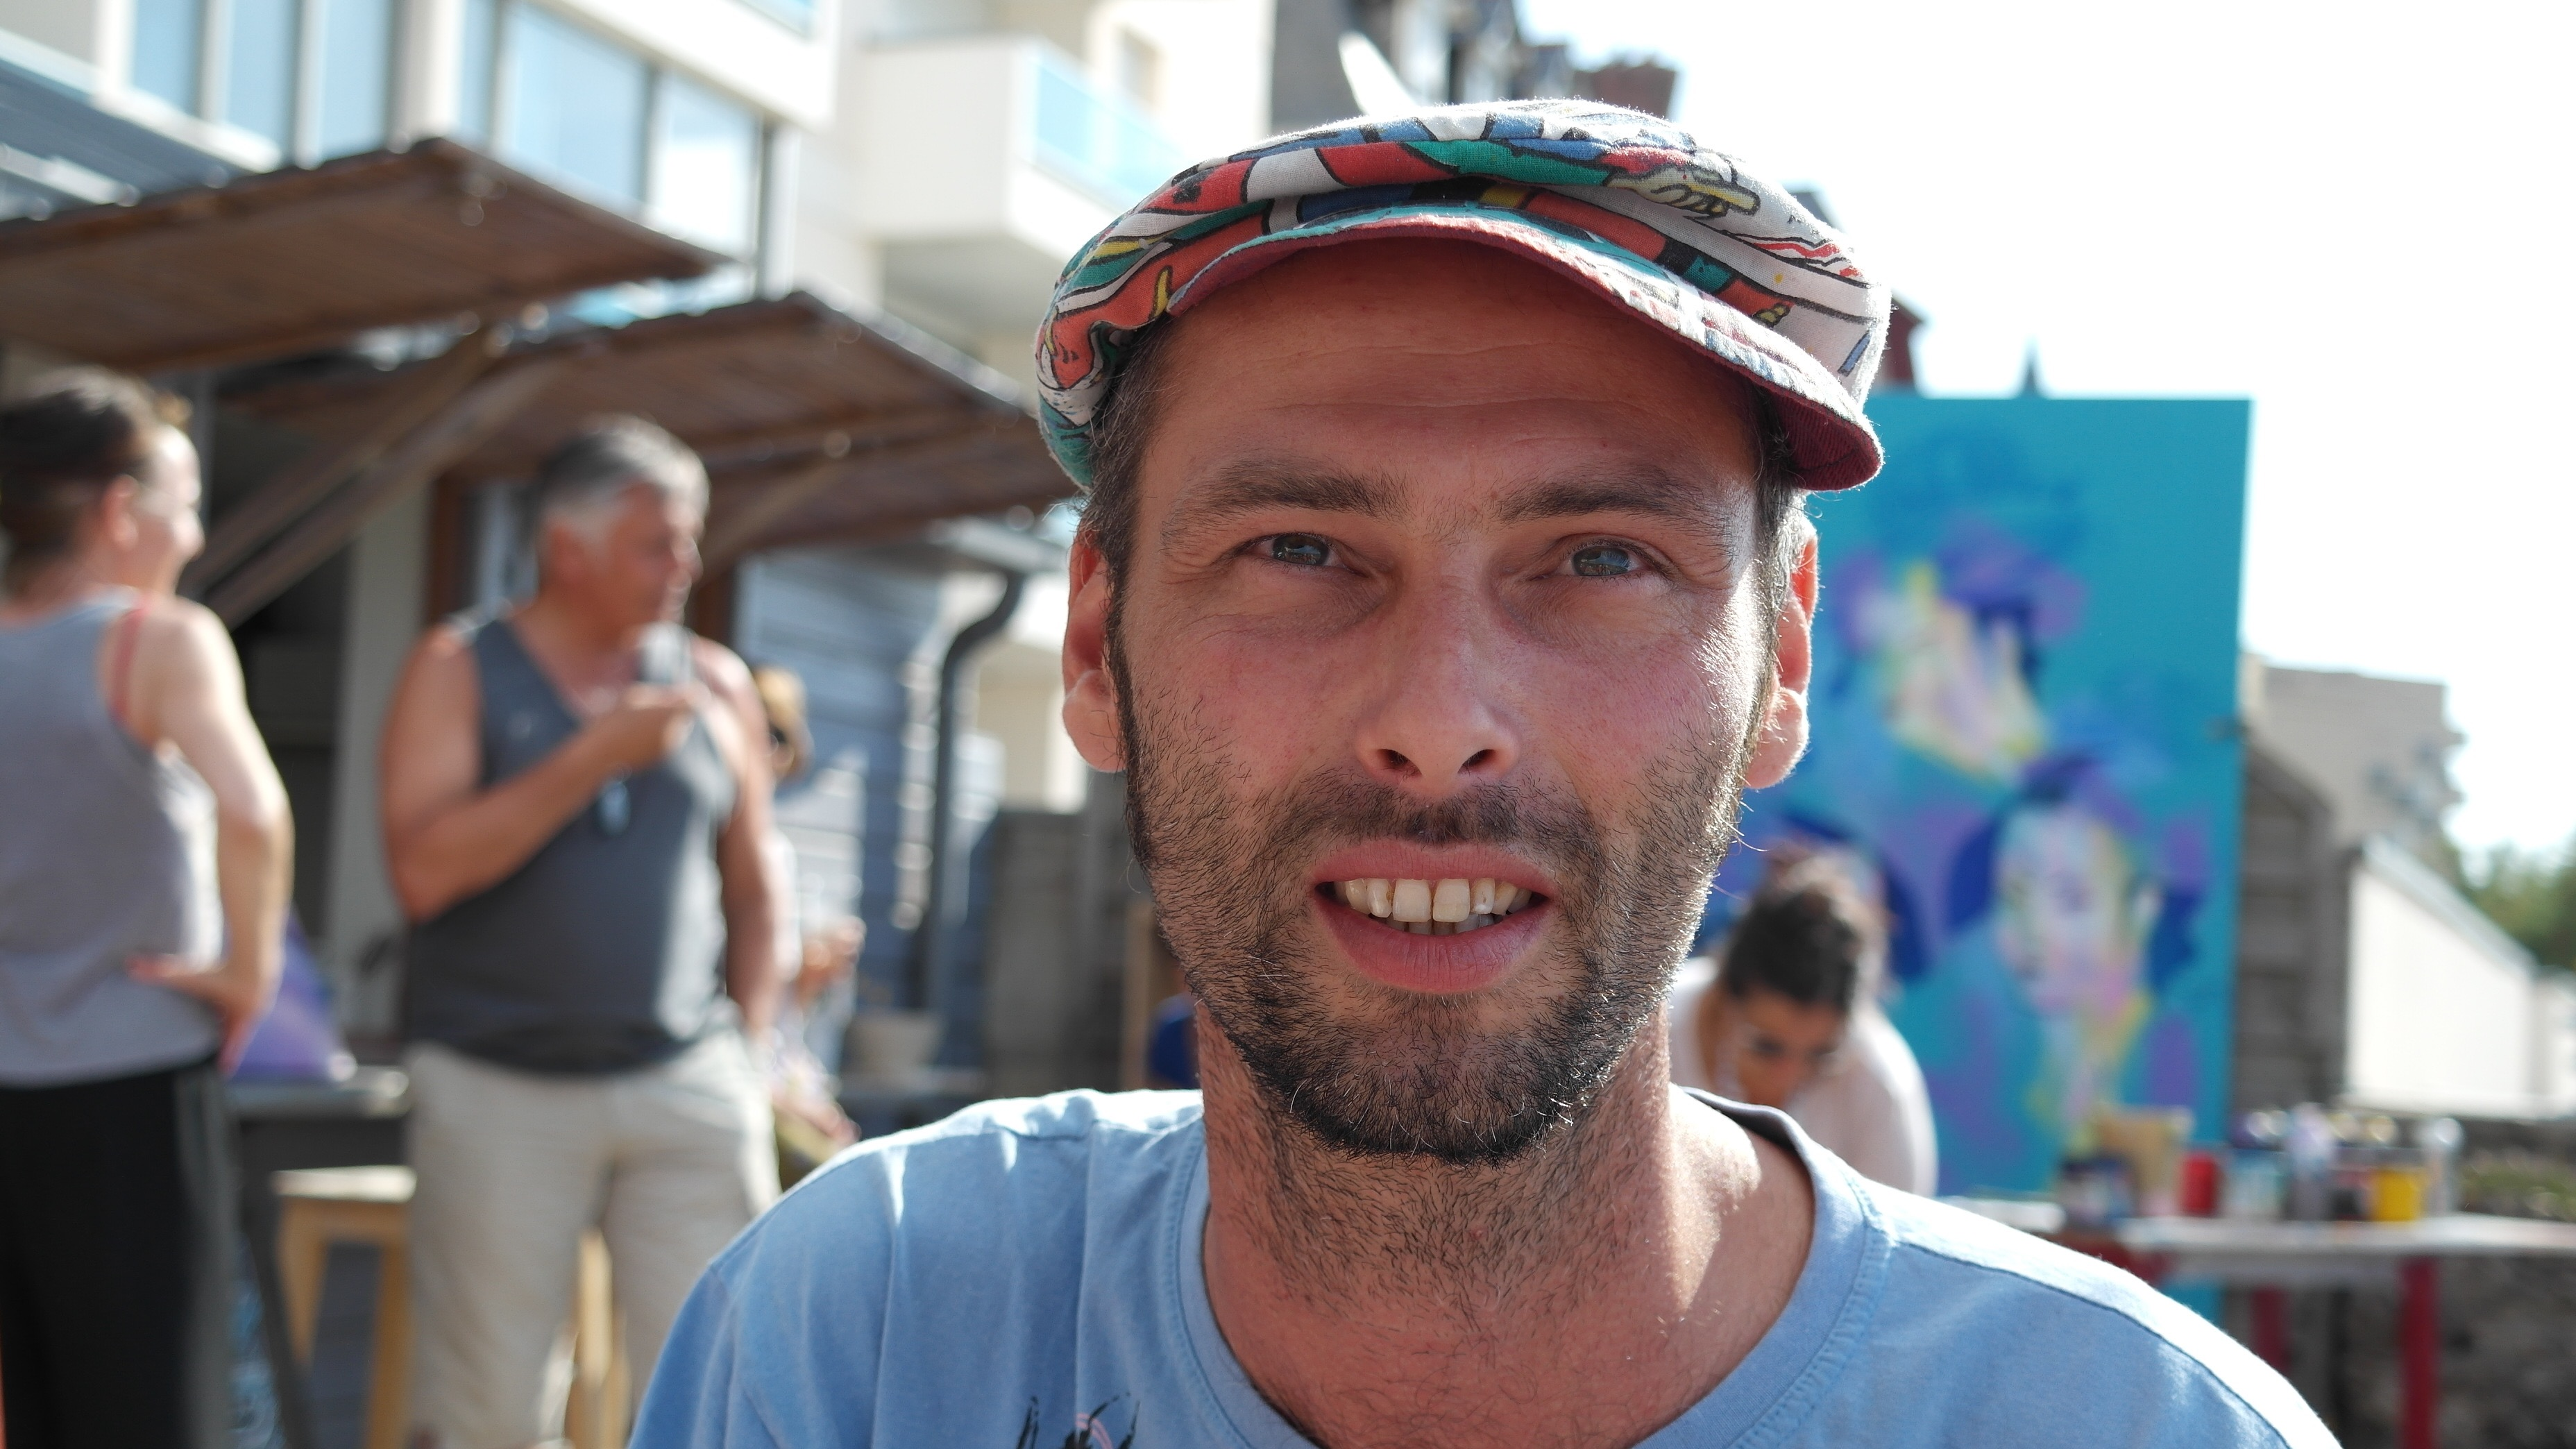 Héol en interview à la terrasse de l'hôtel des Charmette à Saint Malo, le 8 Août 2015